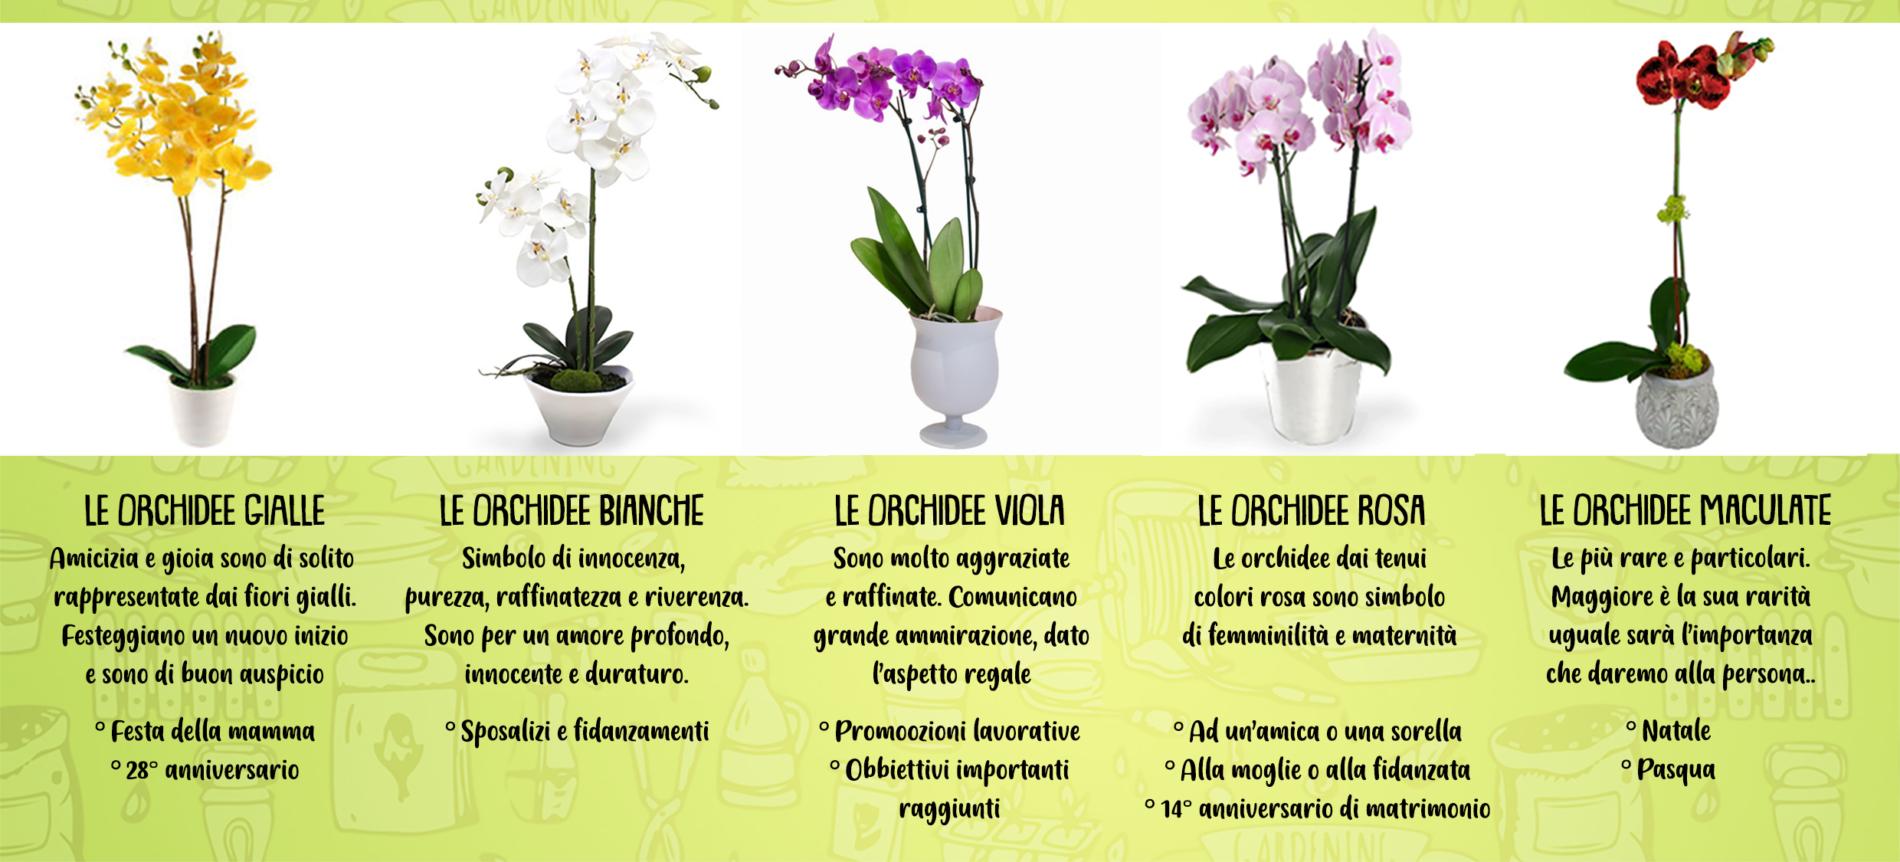 Orchidea: fiore del nord Europa Arredamento Garden